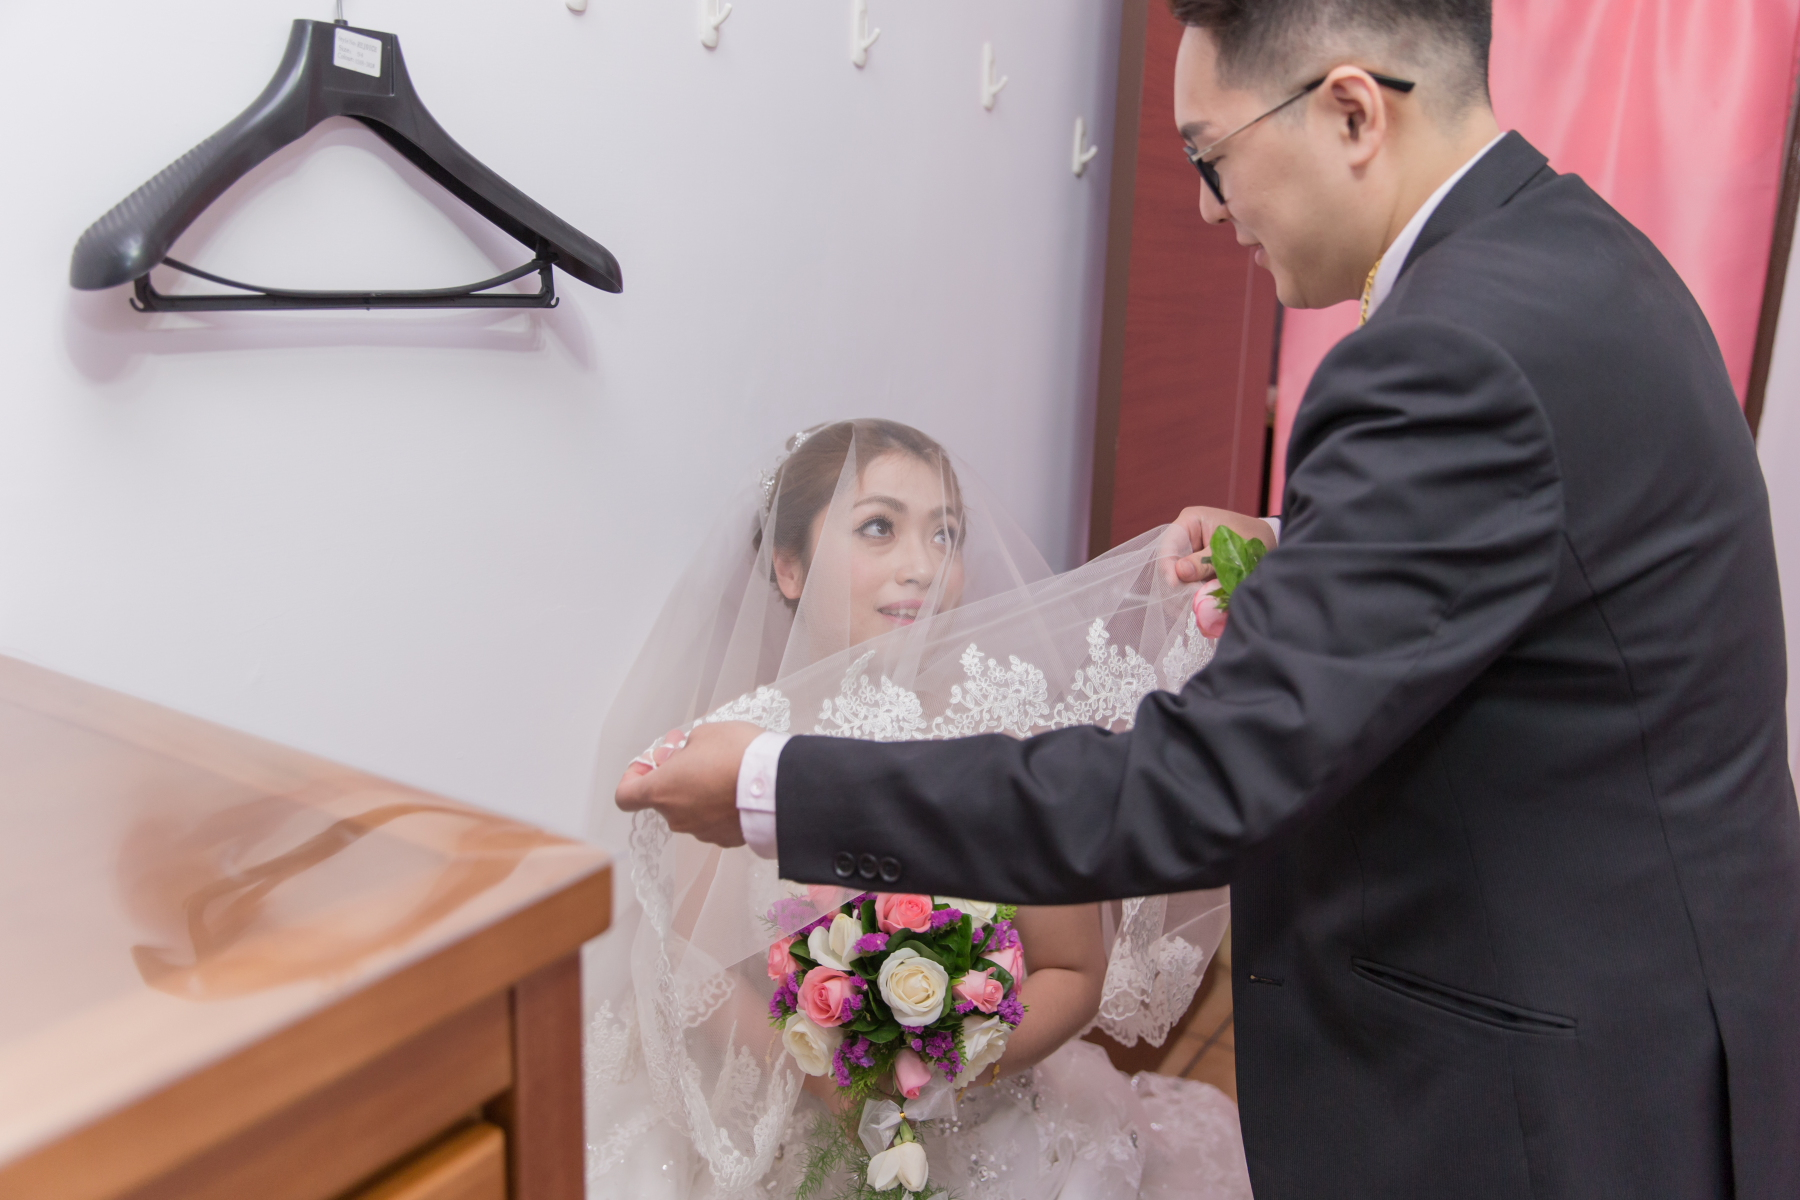 峻誌毓潔婚禮239